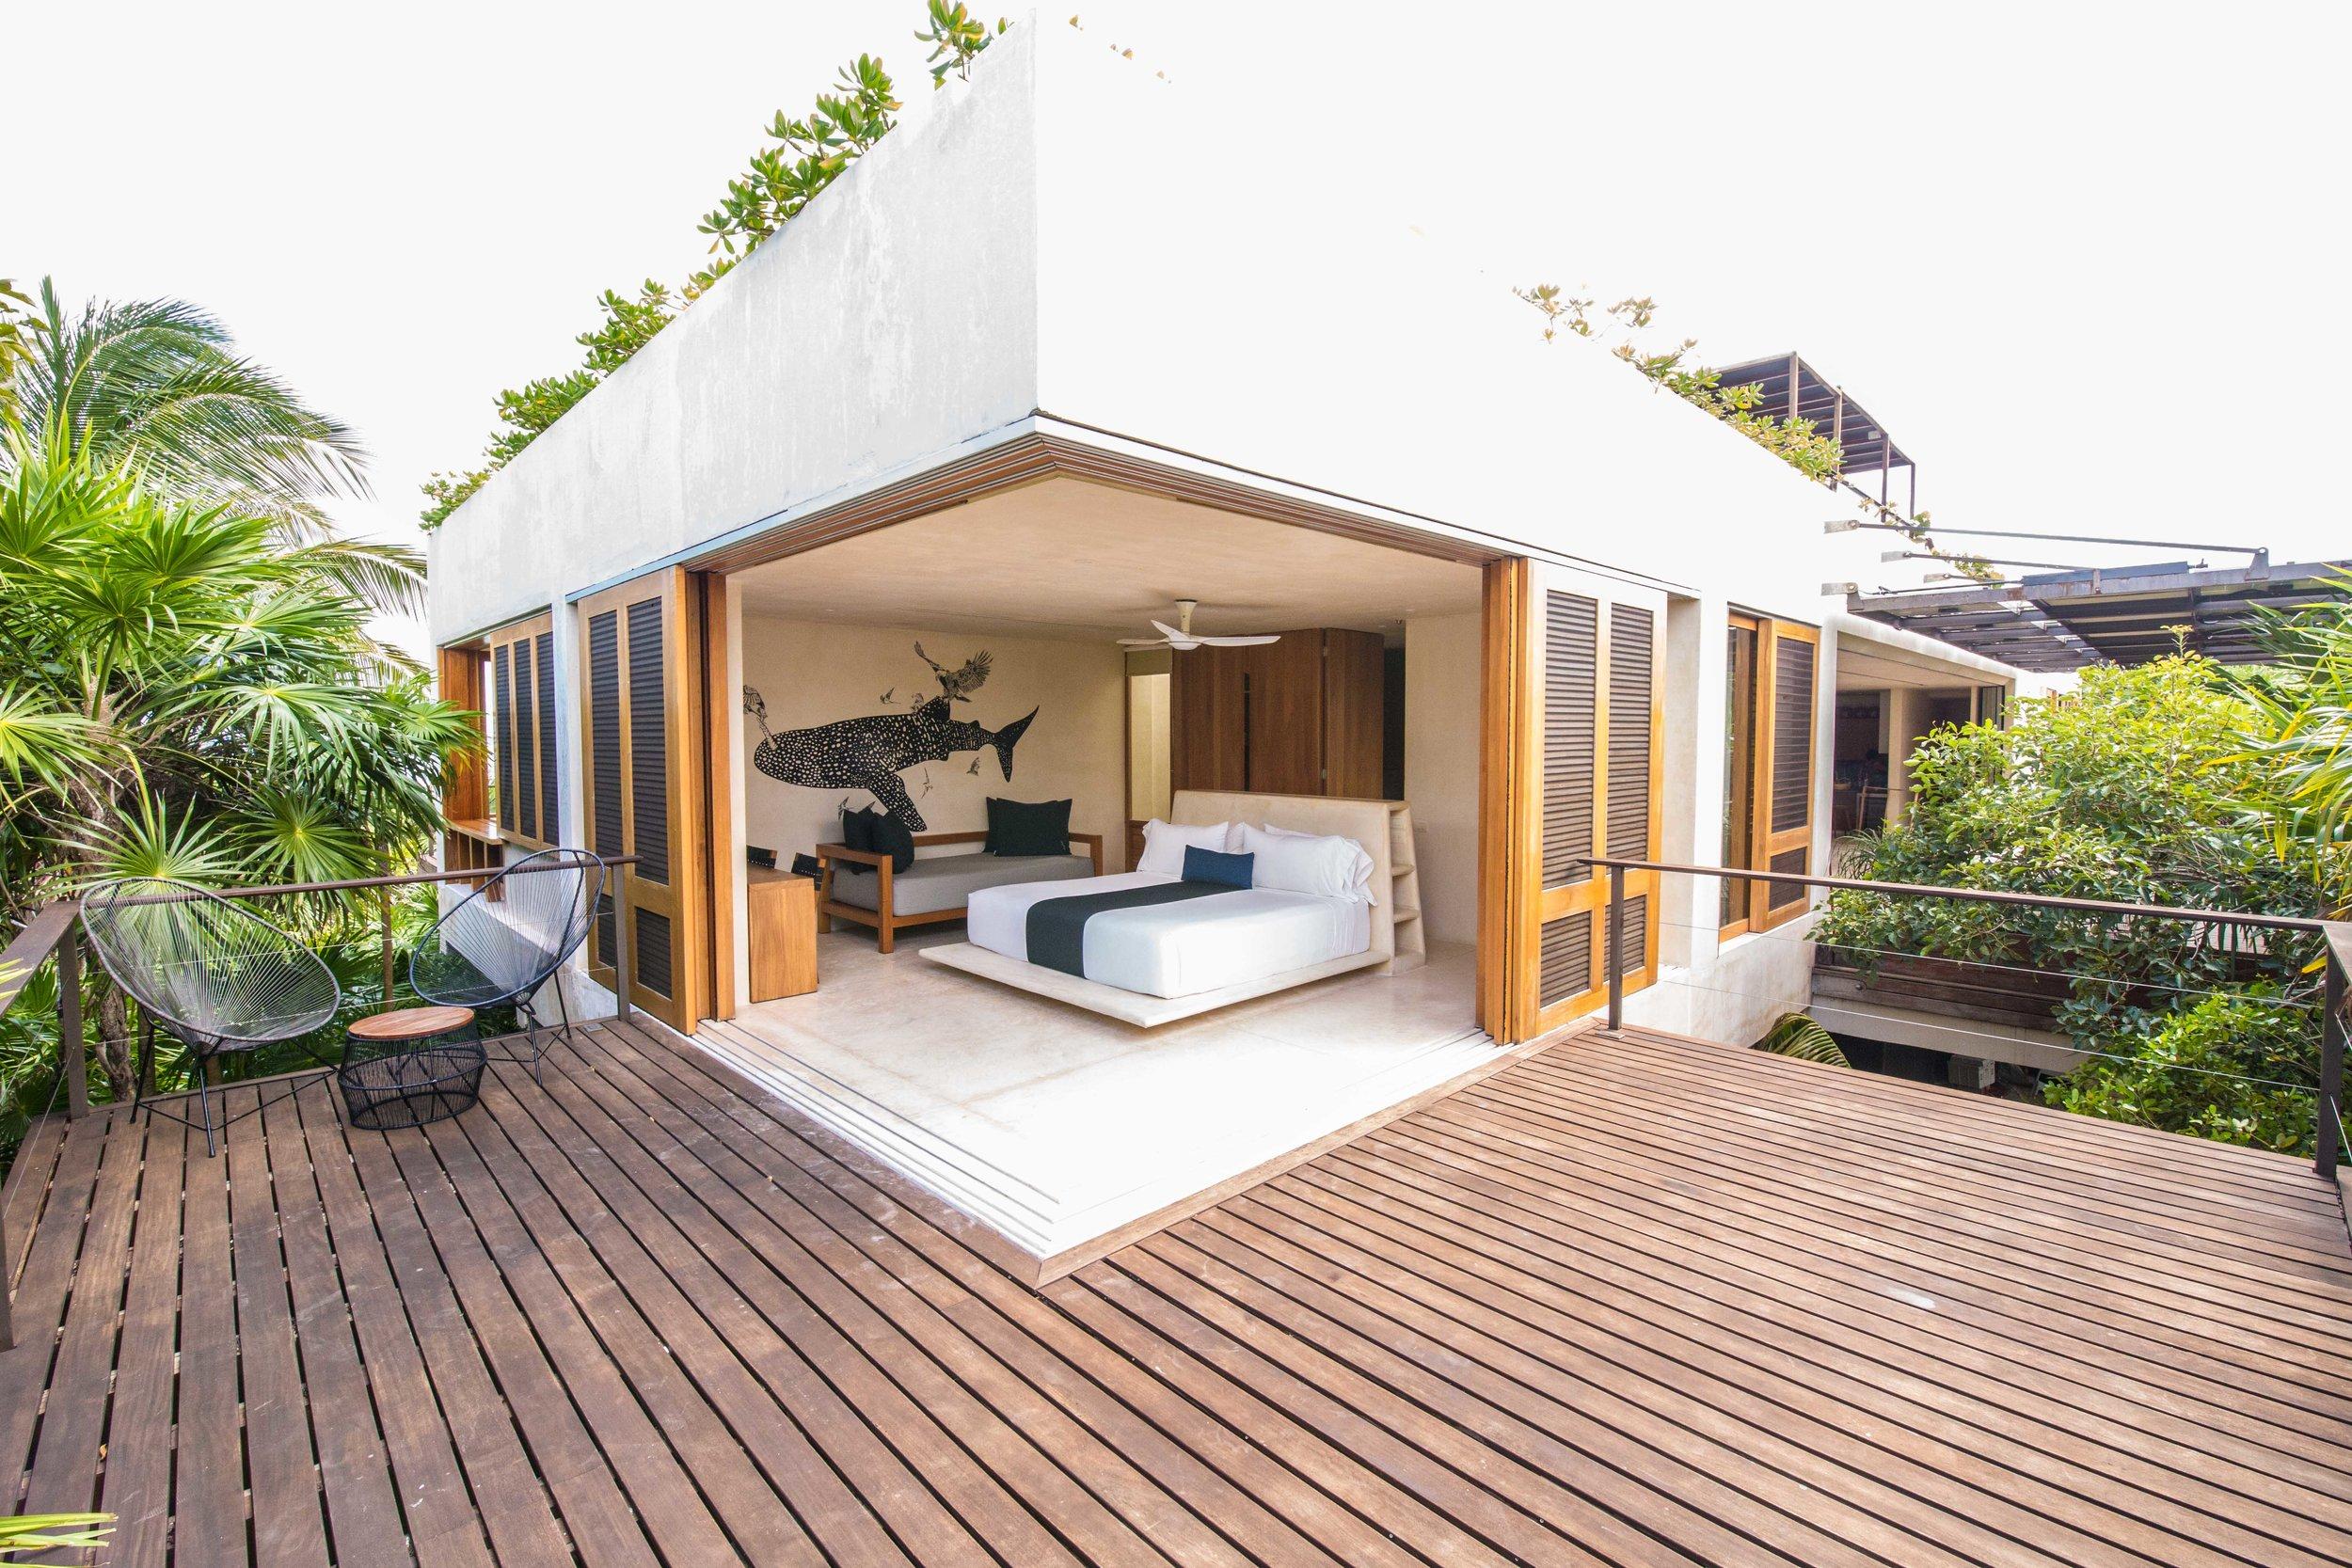 IMG_1957 - Na'iik - Whale bedroom and terrace - © Nico T.jpg